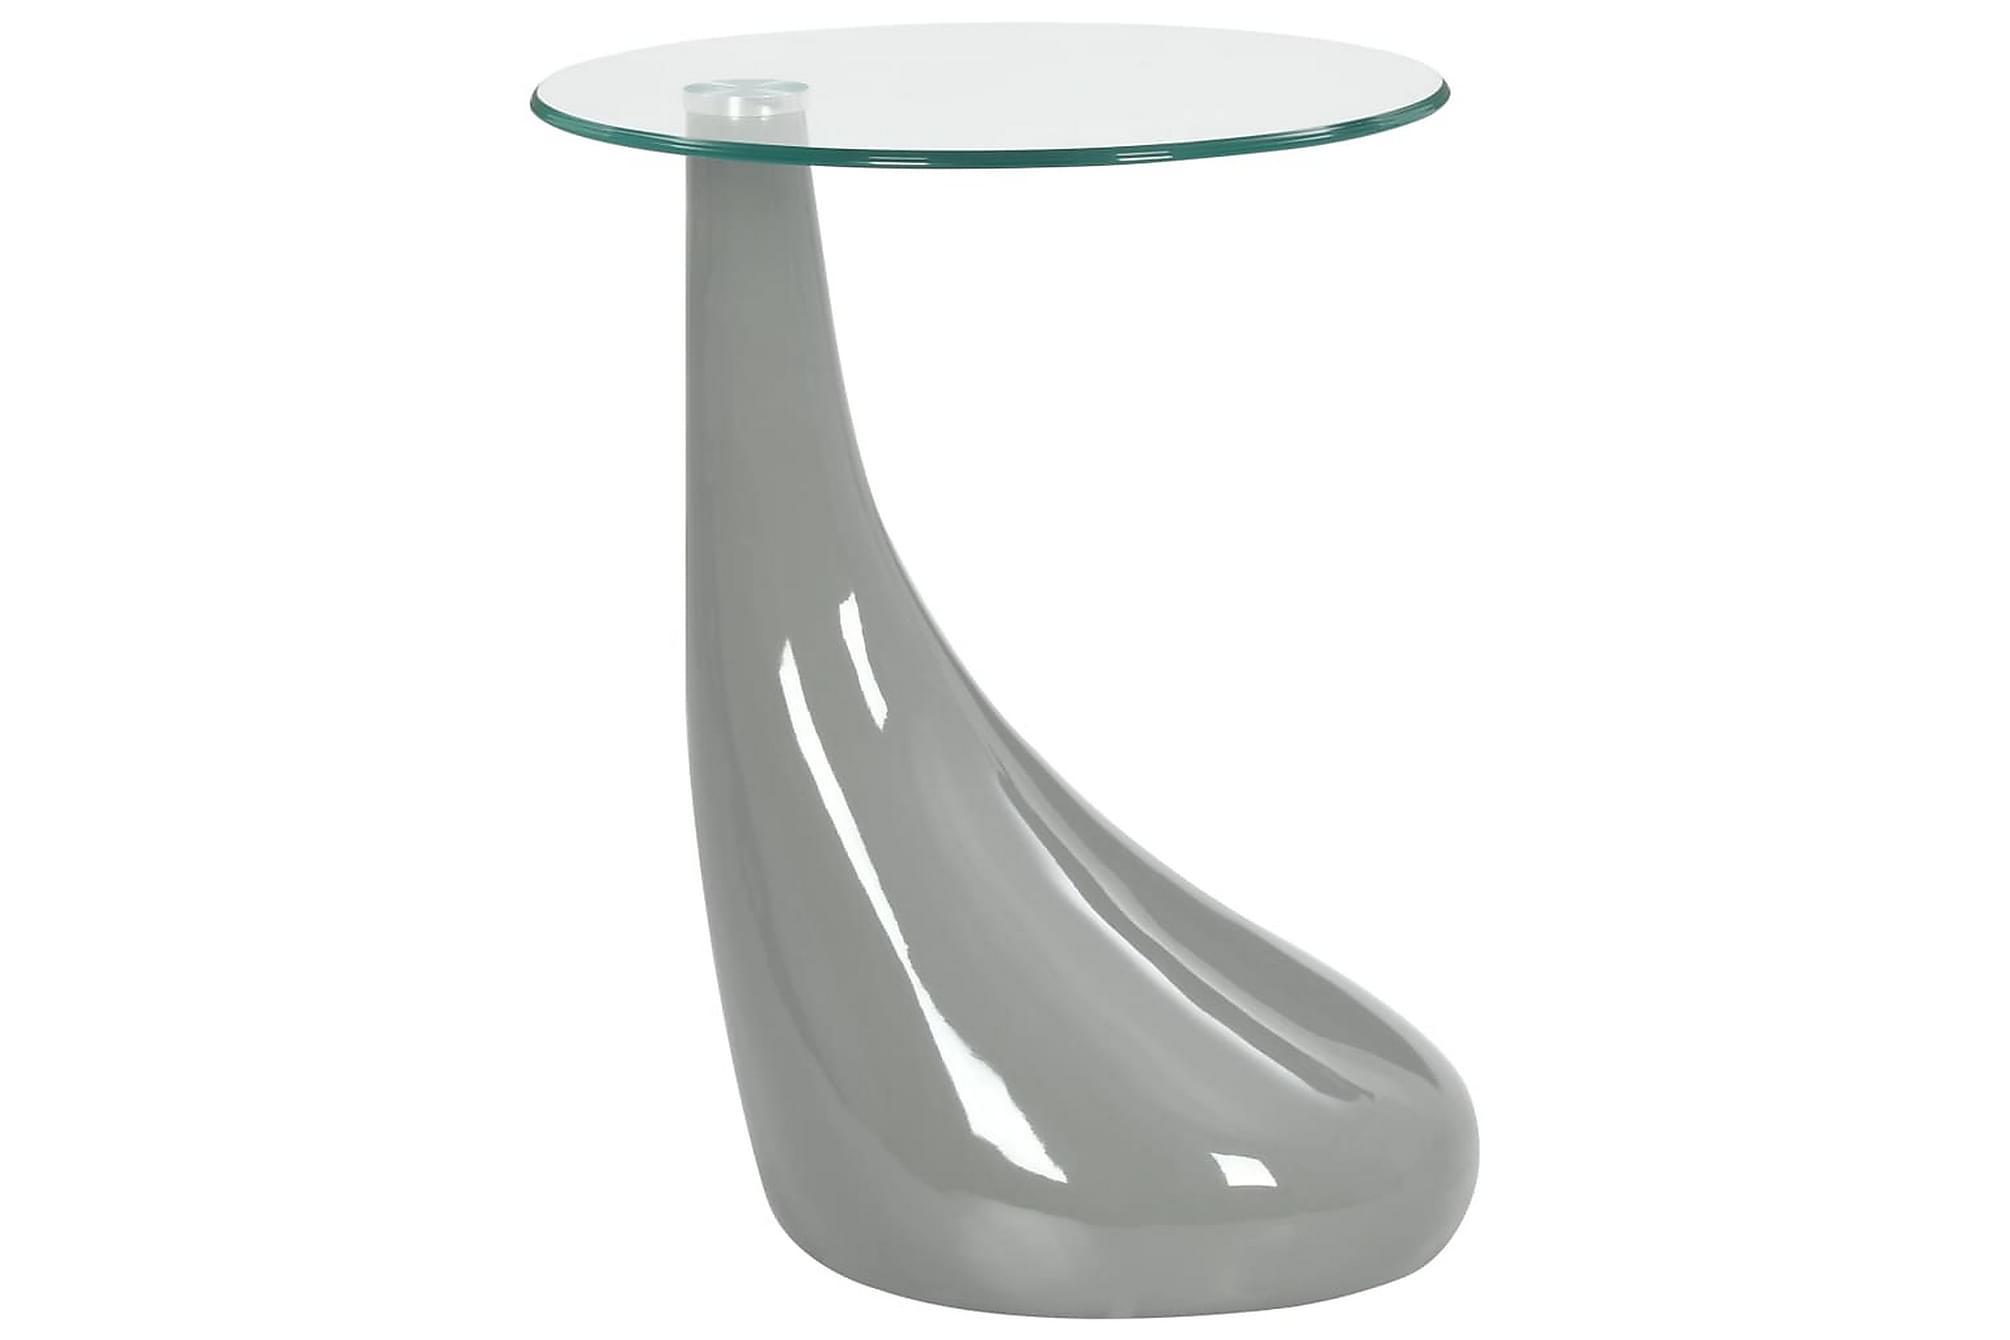 Soffbord med rund glasskiva högglans grå